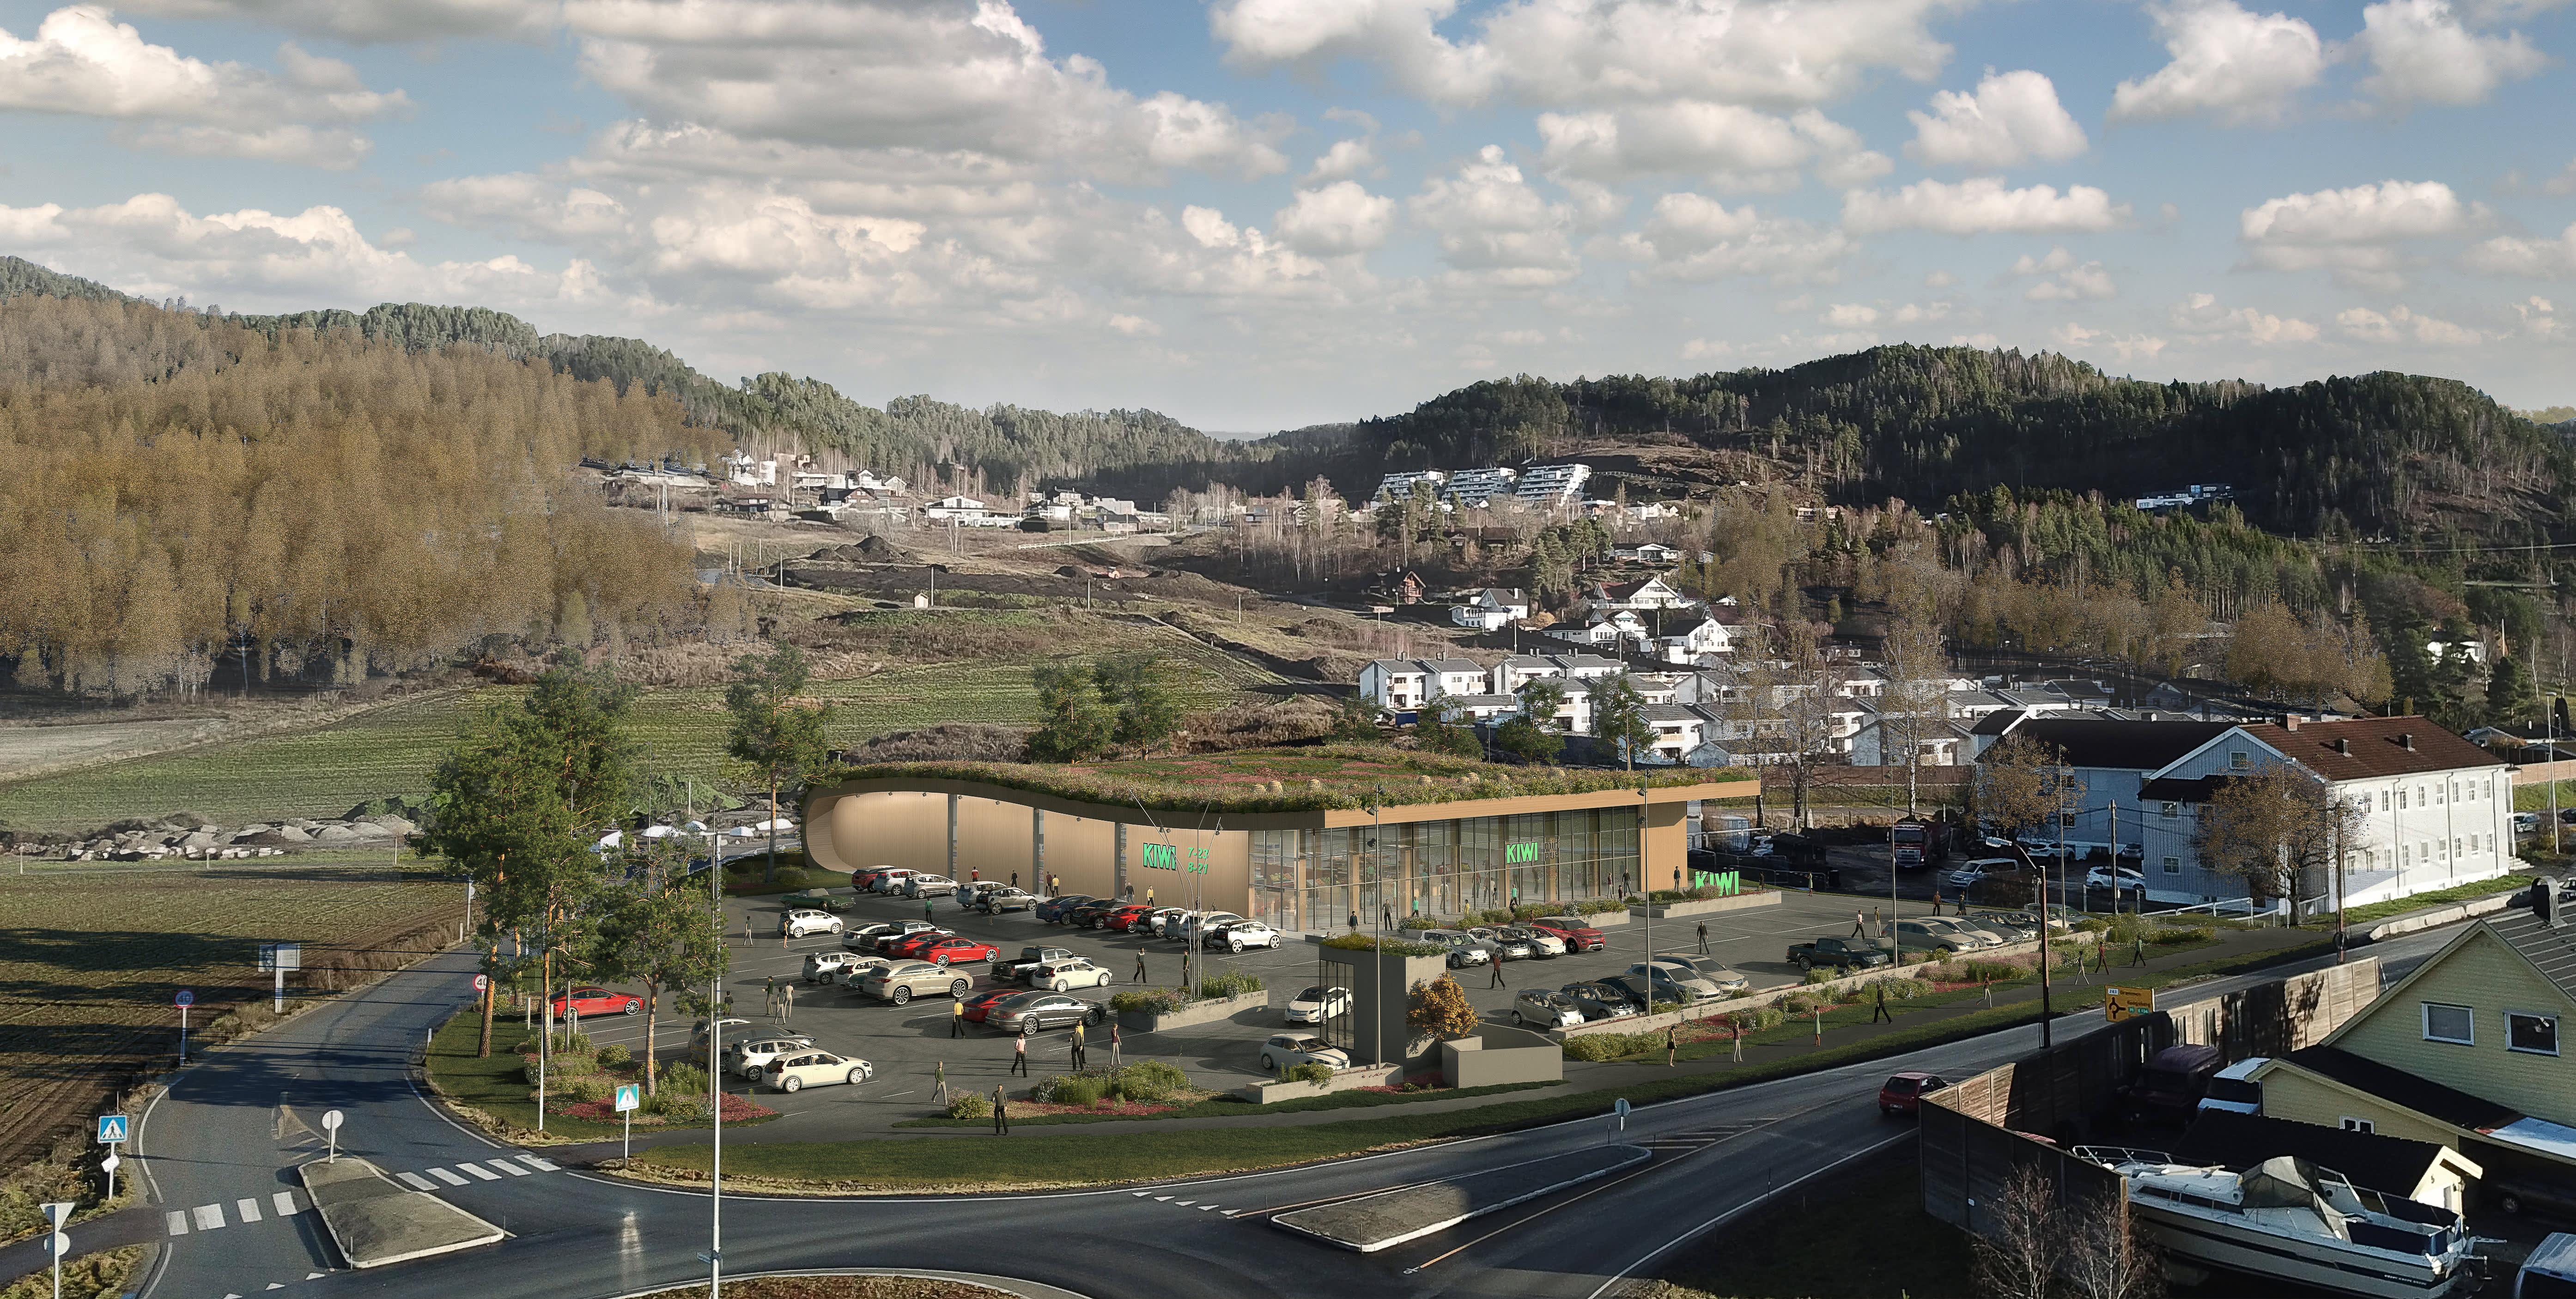 Dette er en illustrasjon av hvordan miljøbutikken KIWI Lerberg som åpner i august 2019 vil bli.